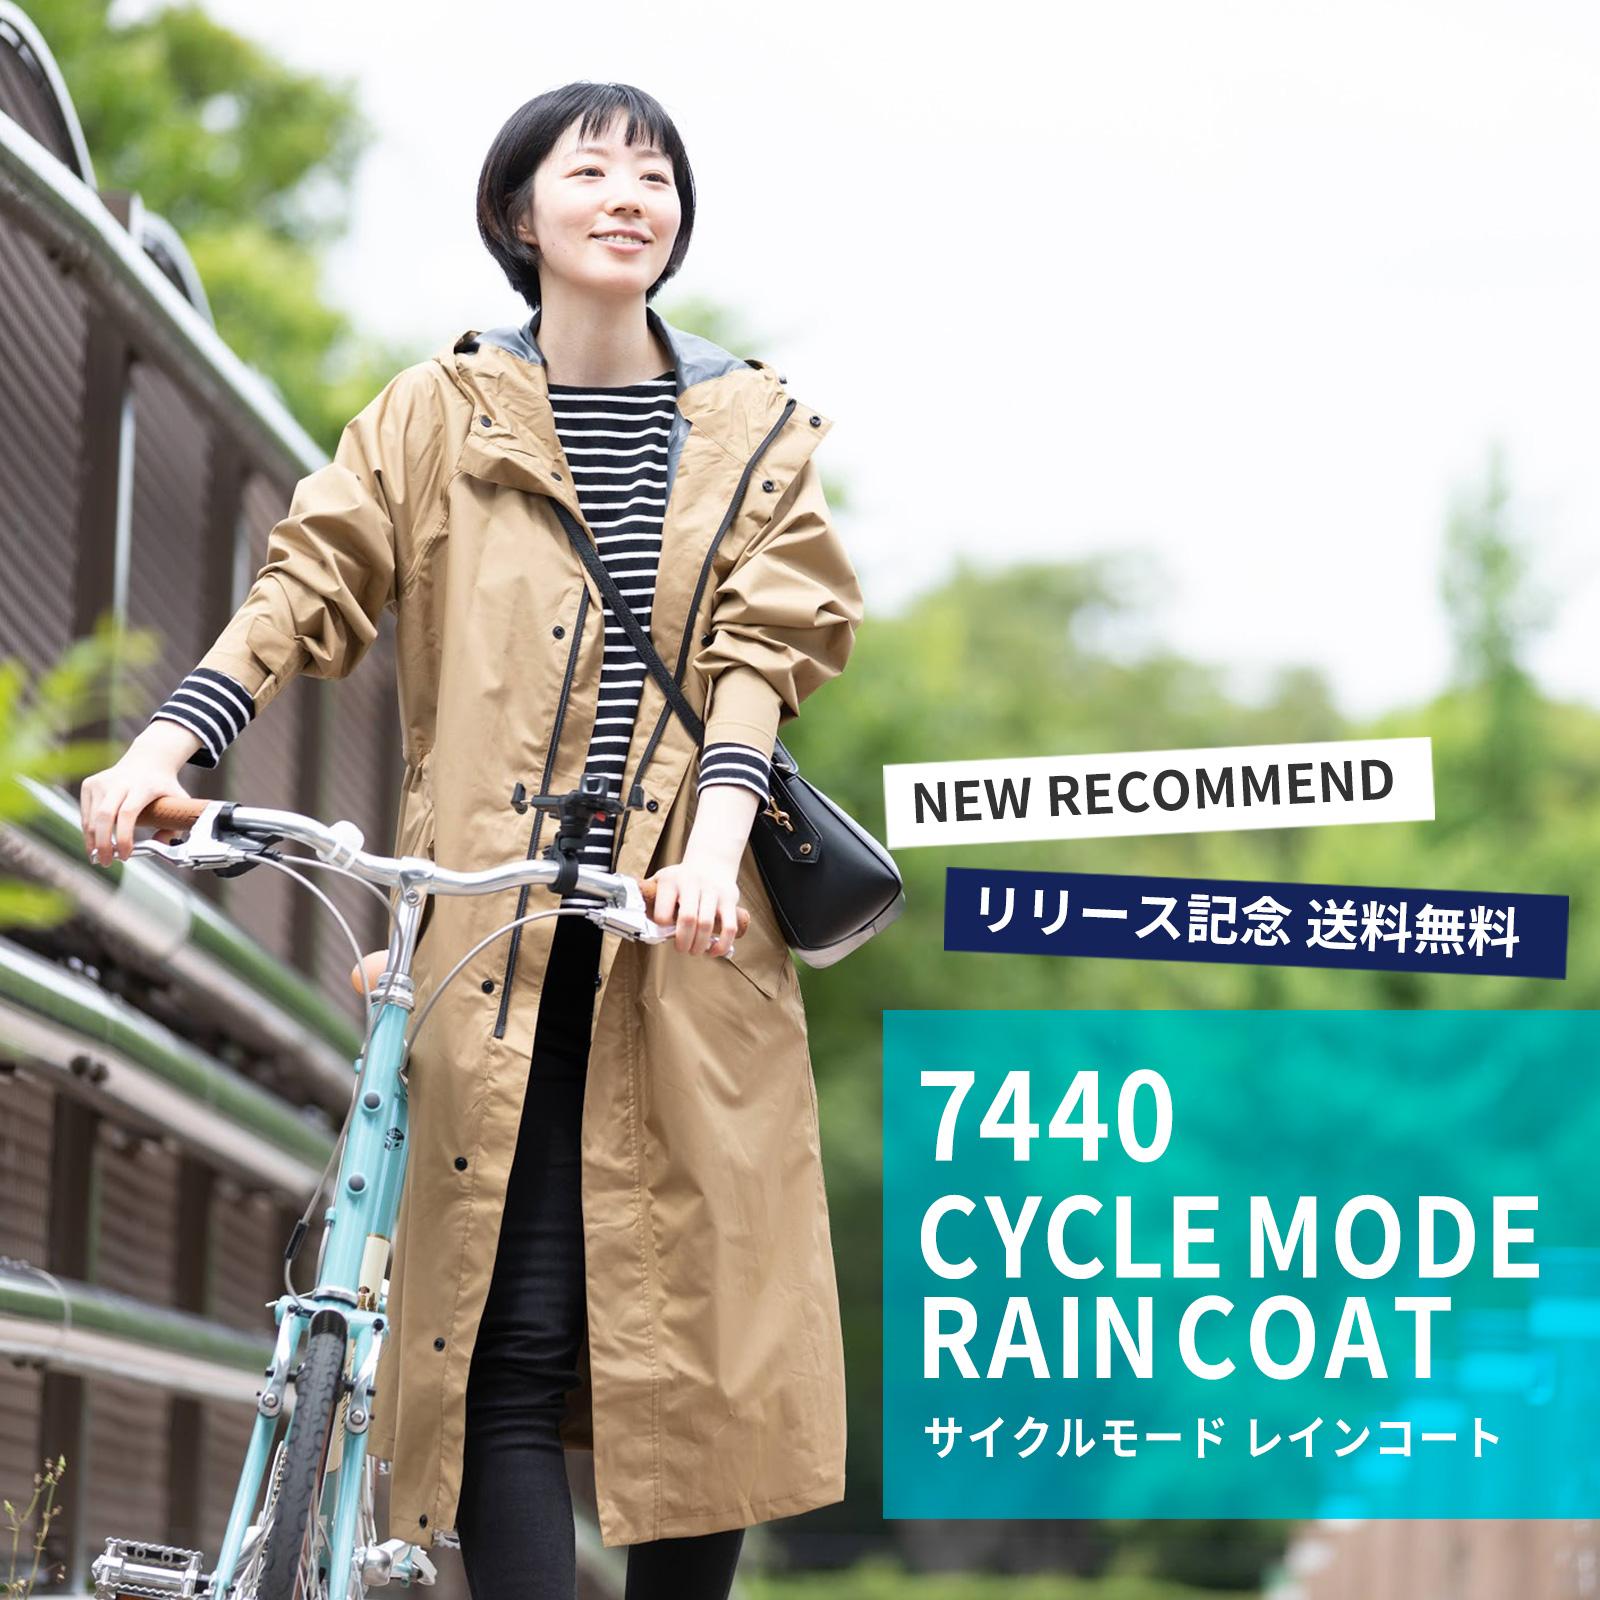 7440 サイクルモード レインコート